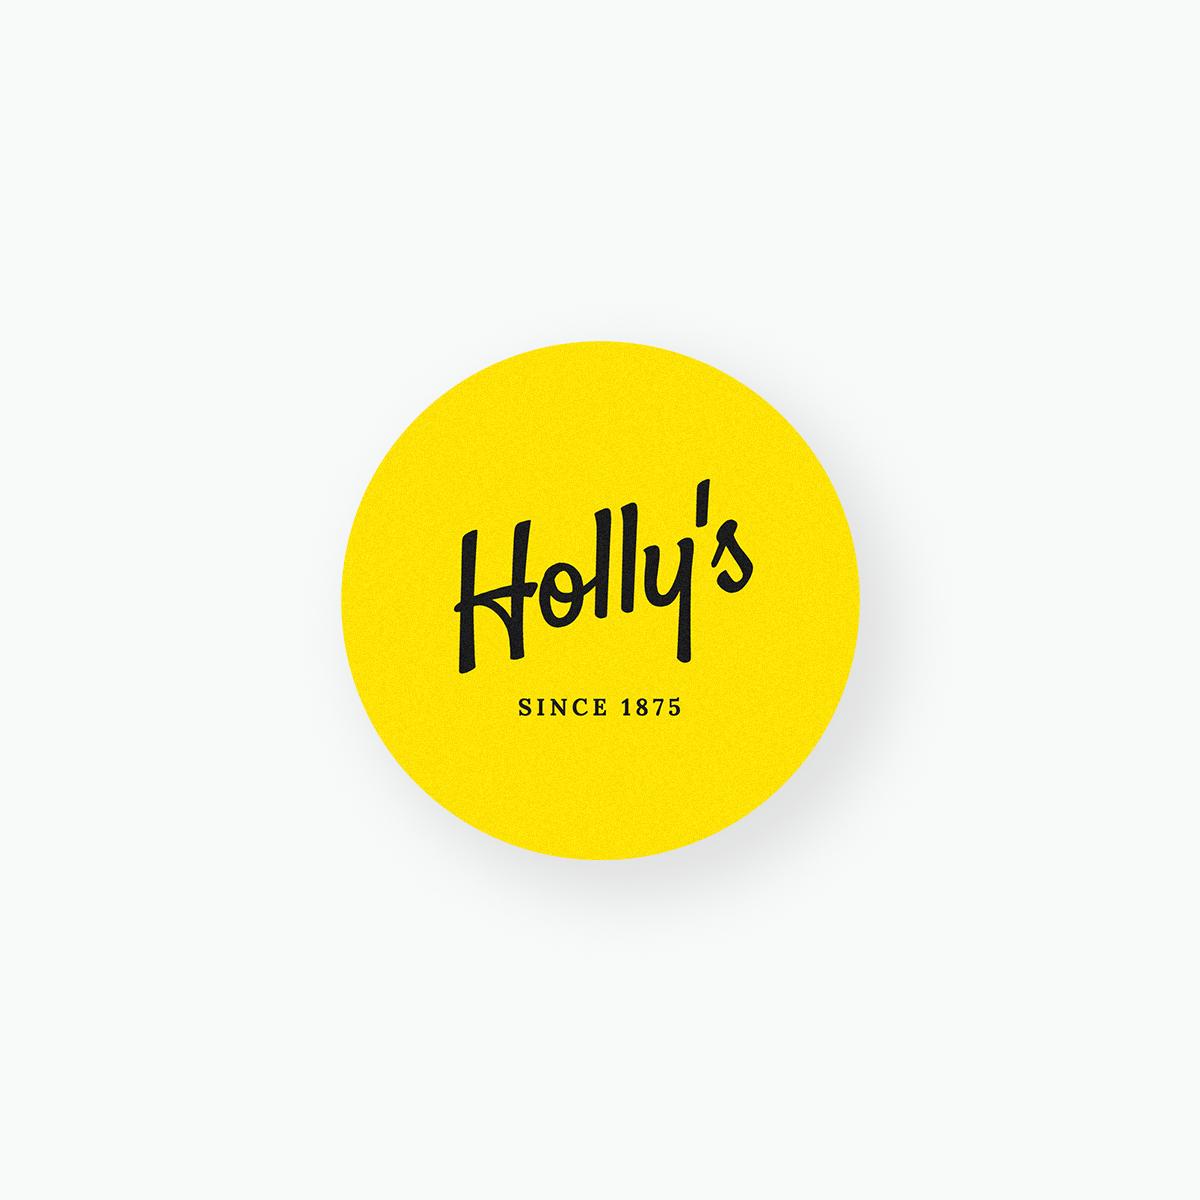 Diseña logos originales online gratis con Canva.